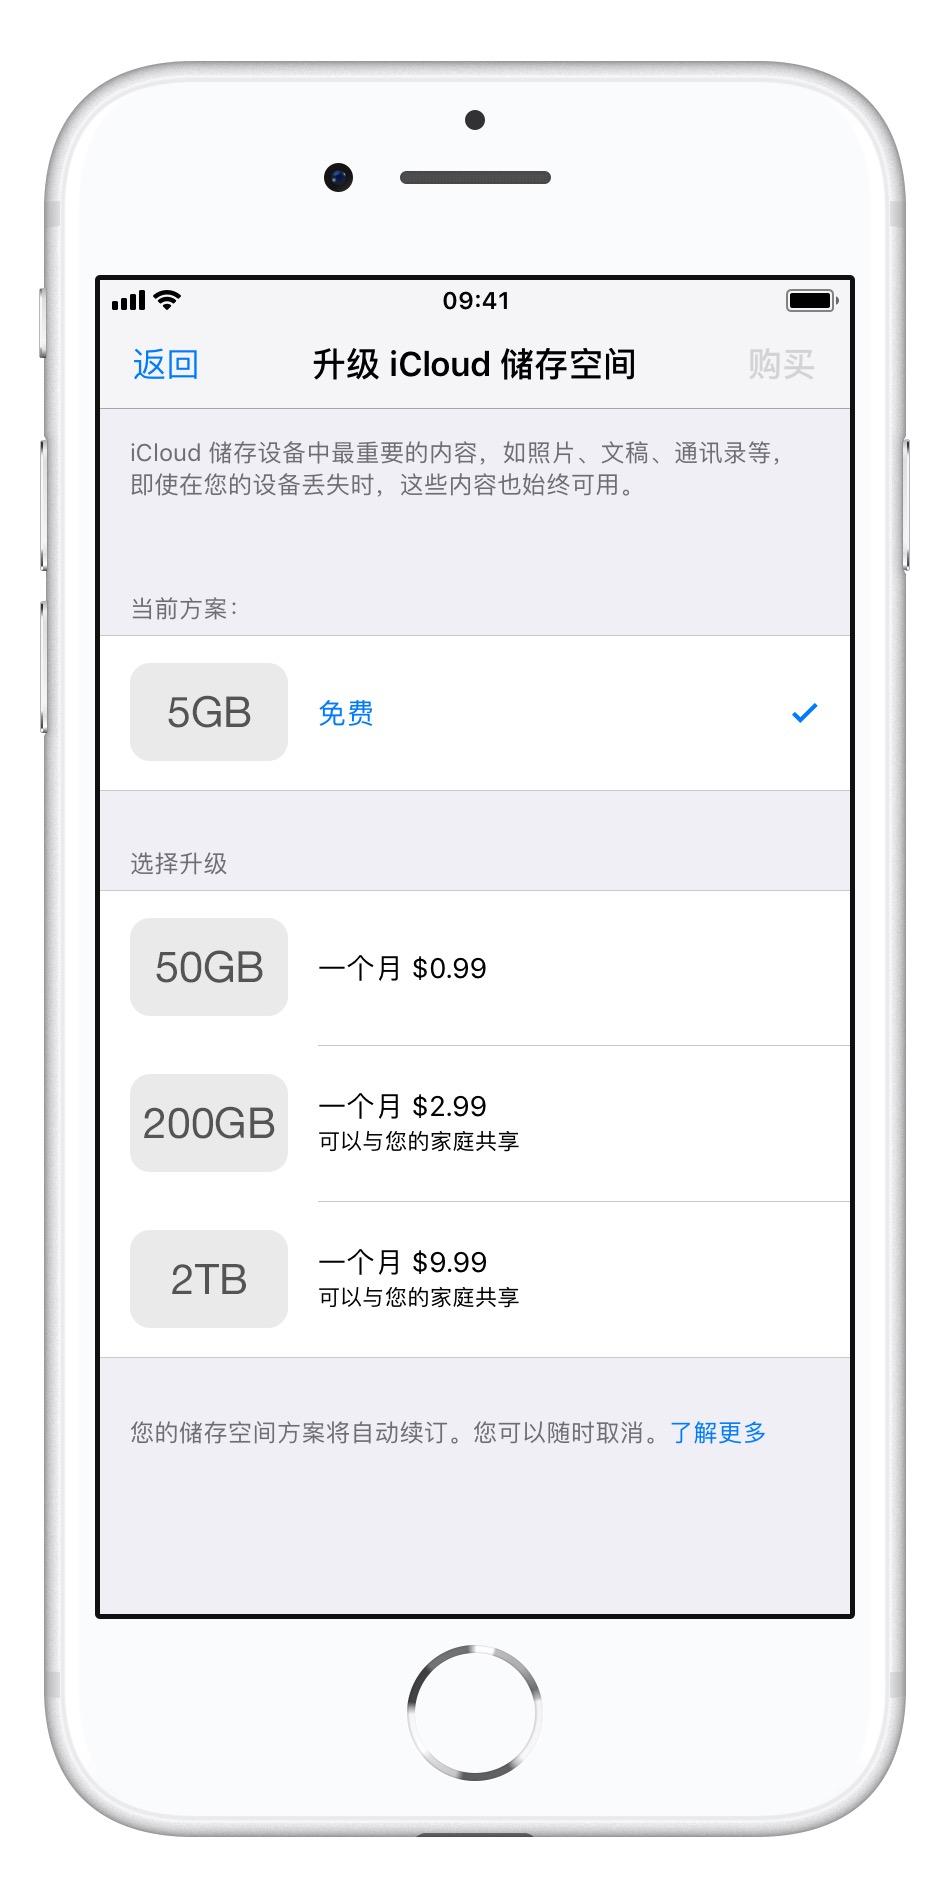 苹果实用技巧:iCloud 储存空间如何降级降级 iCloud 空间会发生什么情况